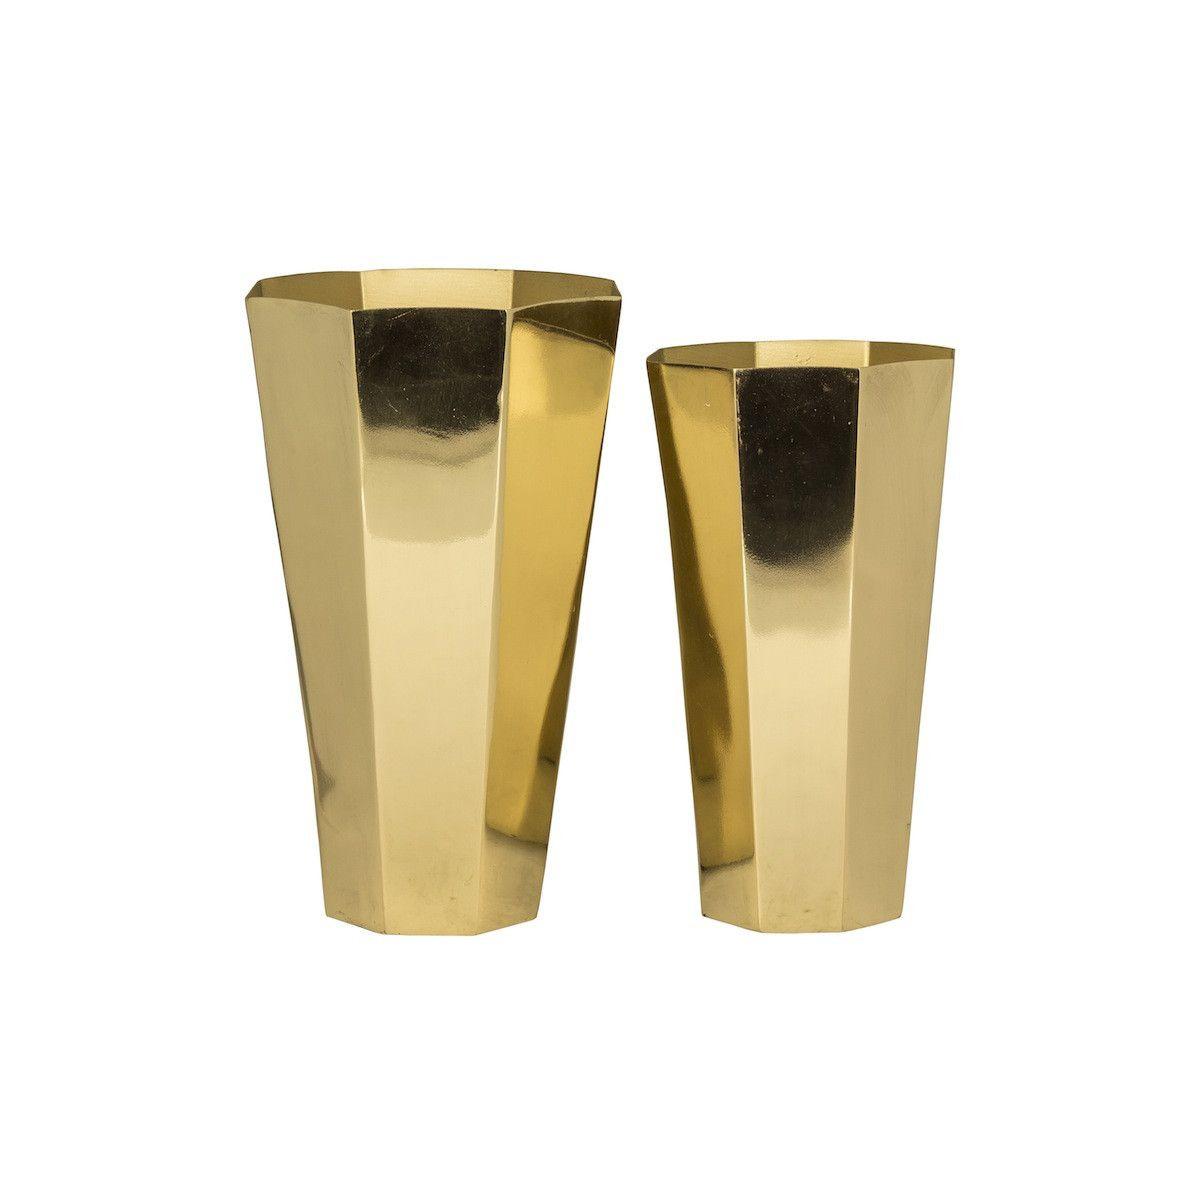 gold metal cylinder vase of felix pair of brass vases by broste copenhagen lo and behold regarding felix metal vase set of 2